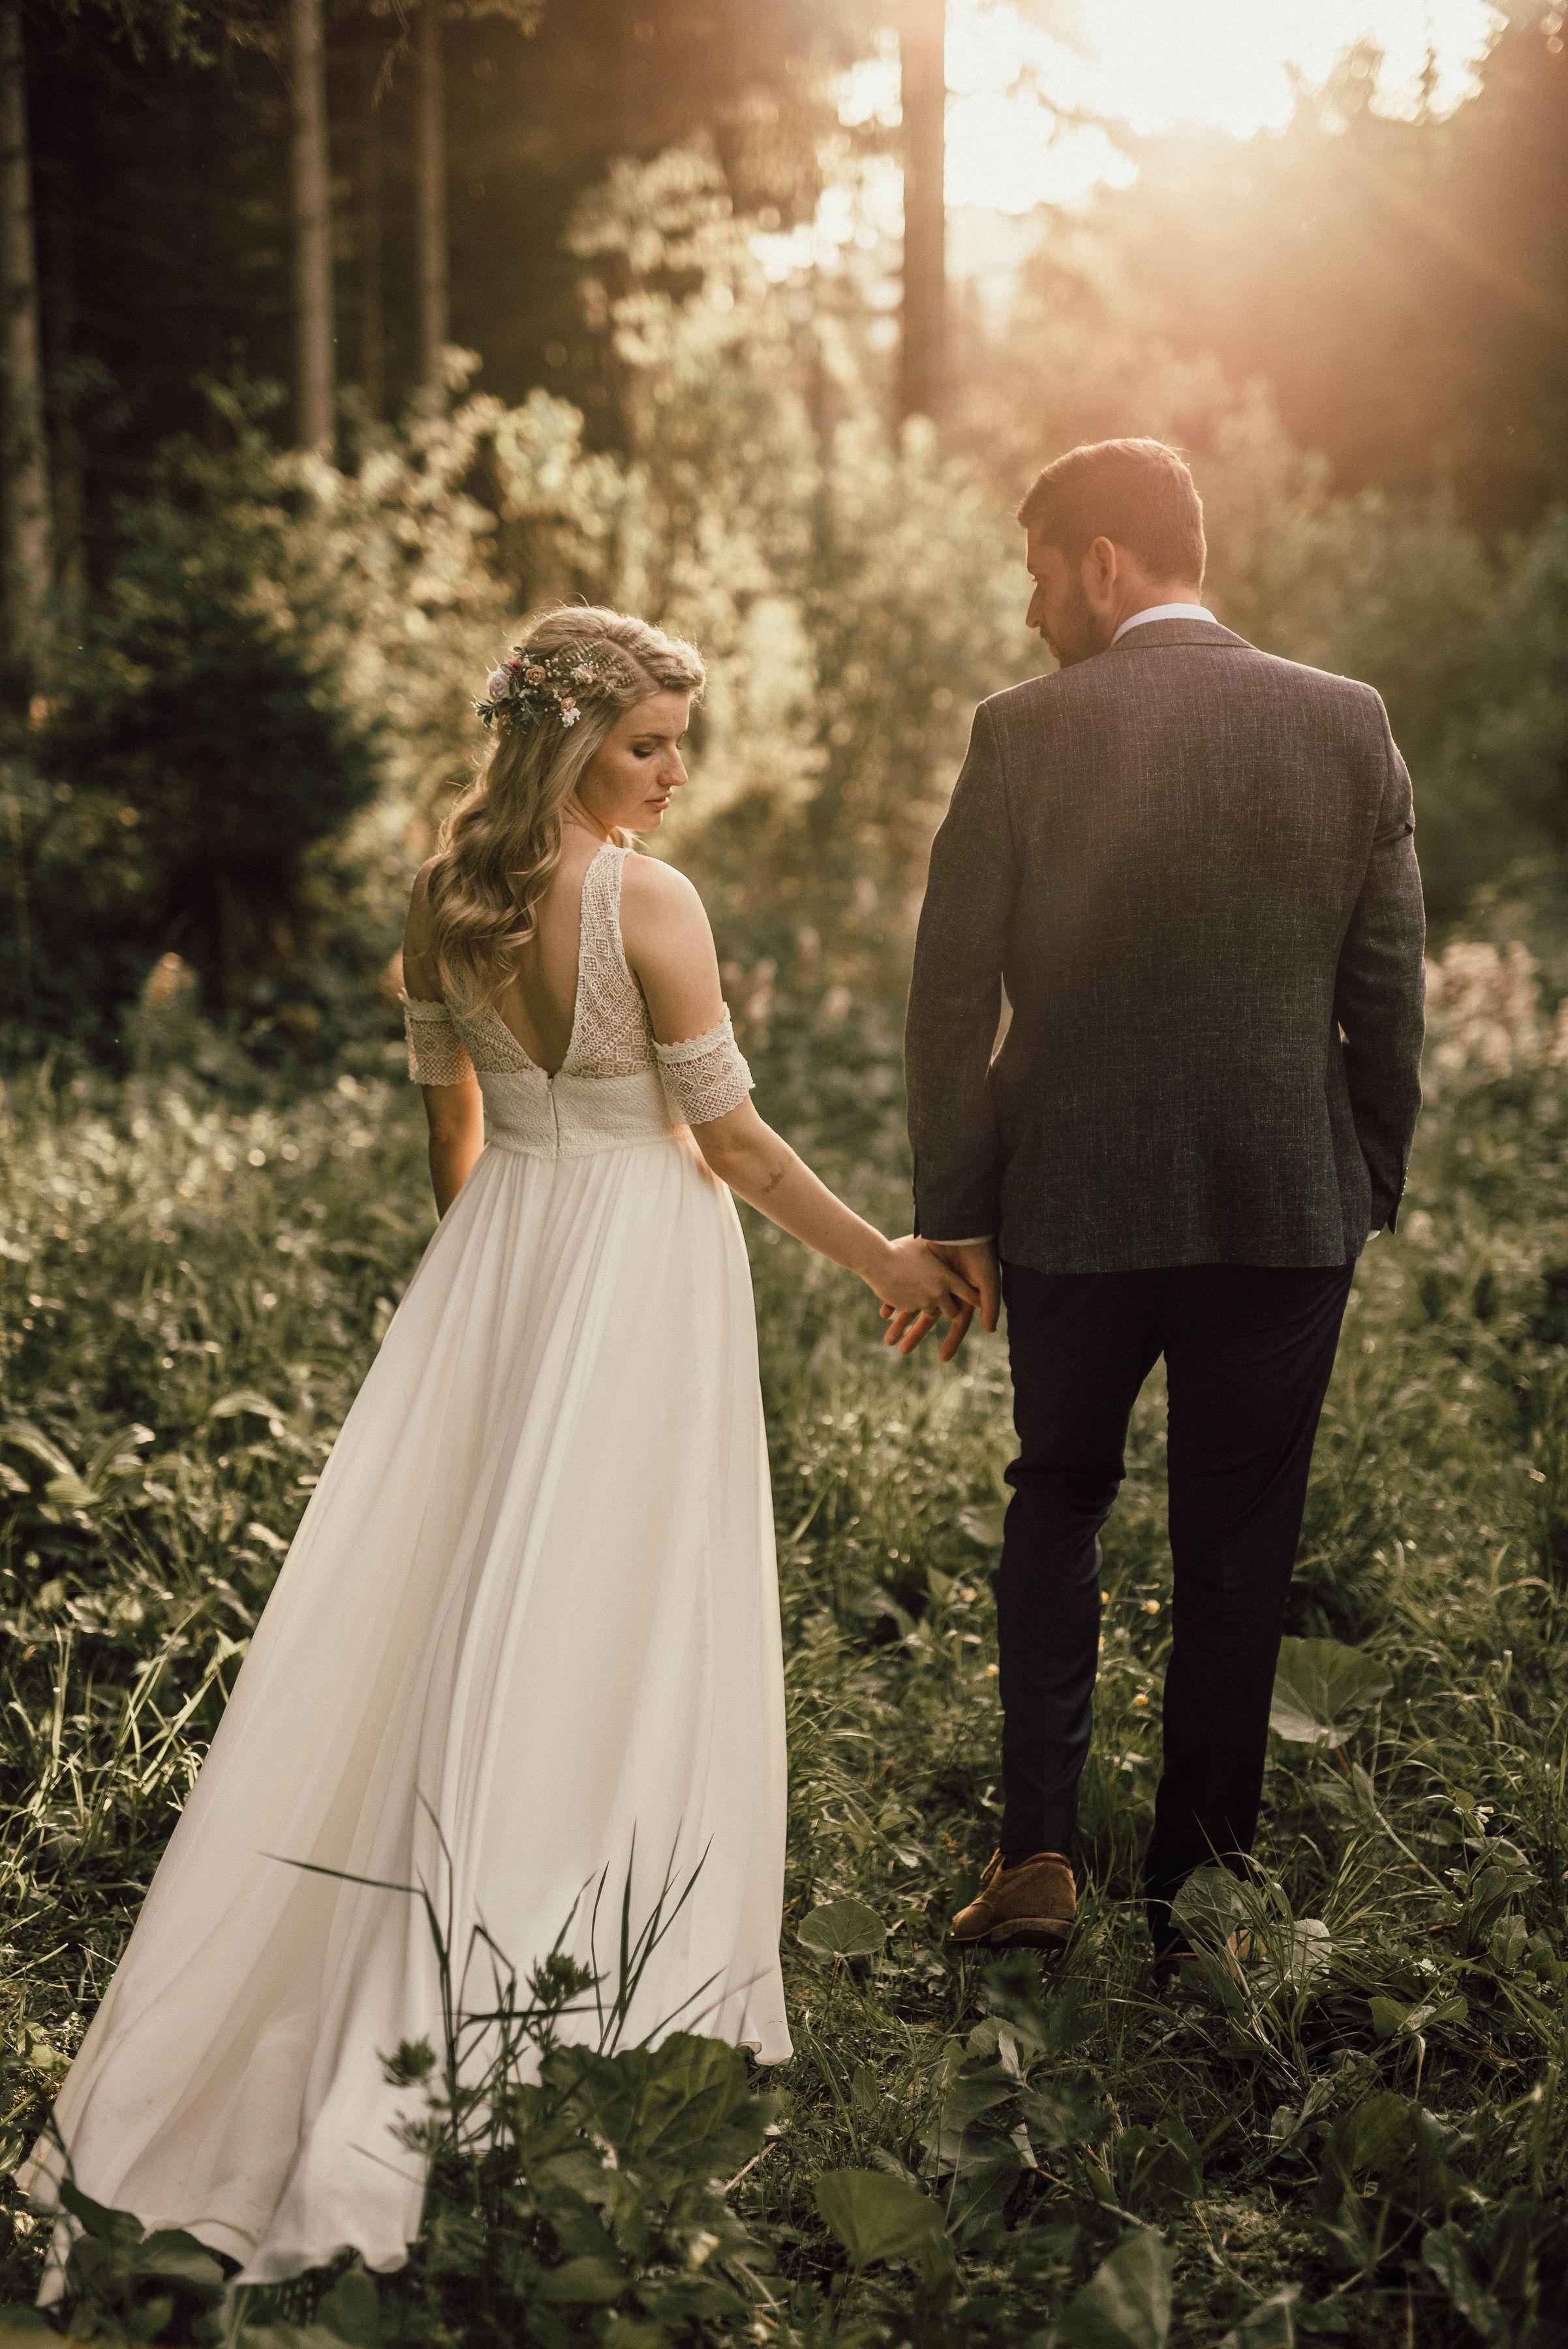 White Happily Ever After Wedding Neon Sign To Hire Hochzeitsschilder Hochzeit Willkommensschilder Hochzeit Deko Ideen